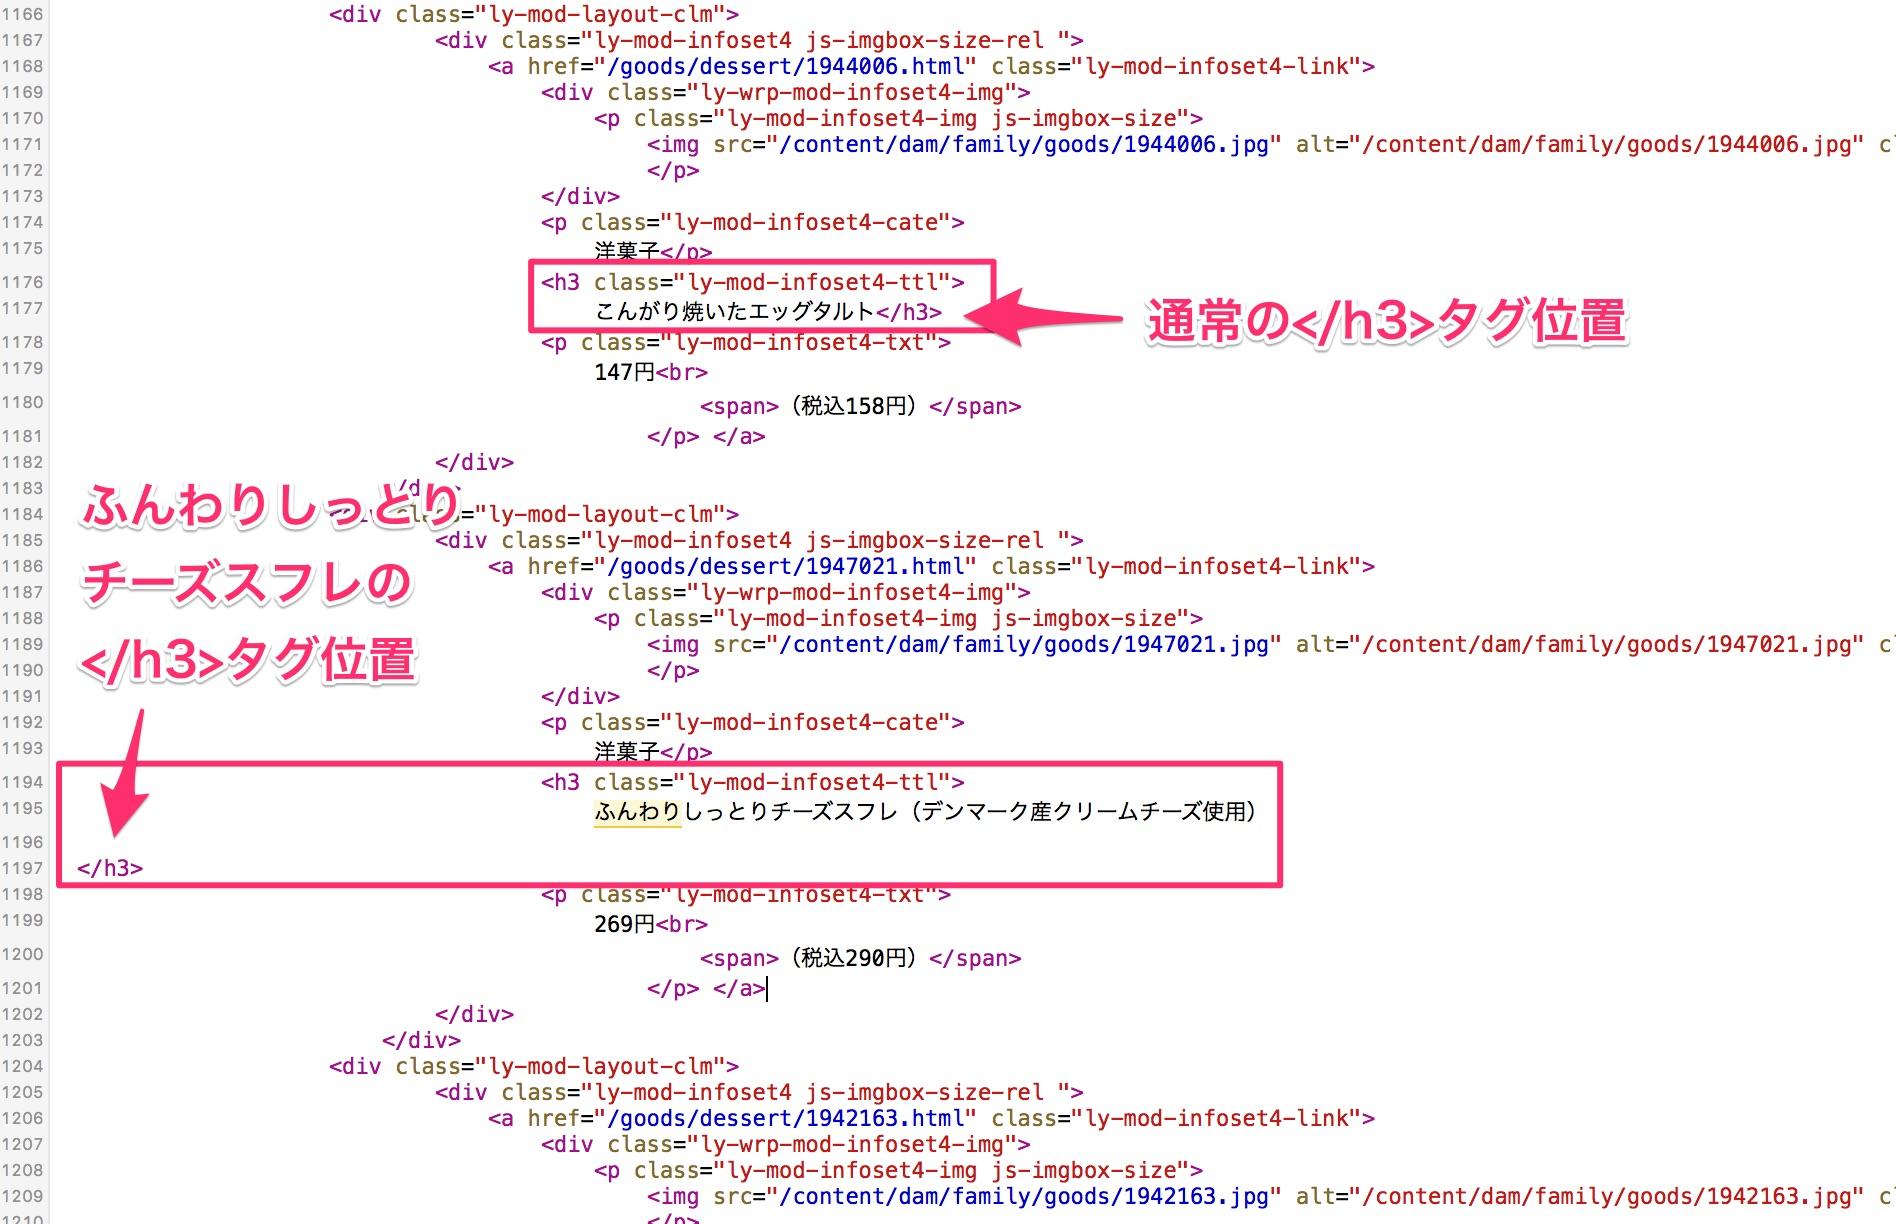 スクリーンショット_2018-05-17_10_15_54.jpg